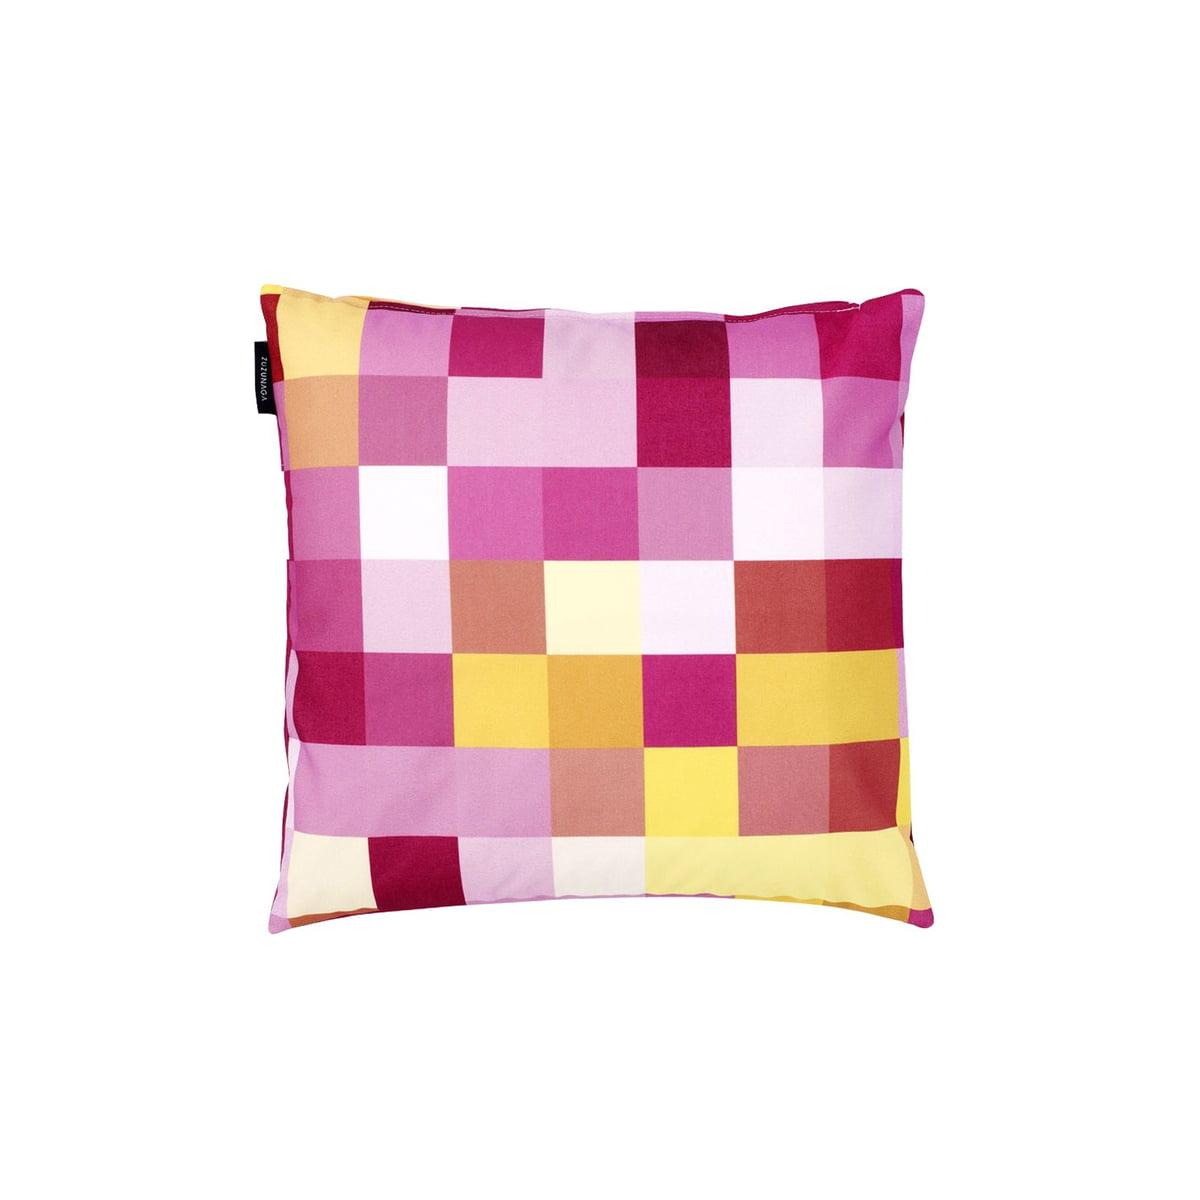 zuzunaga mercury kissen 40 x 40 cm mehrfarbig t 18 h 40 b 40 online kaufen bei woonio. Black Bedroom Furniture Sets. Home Design Ideas